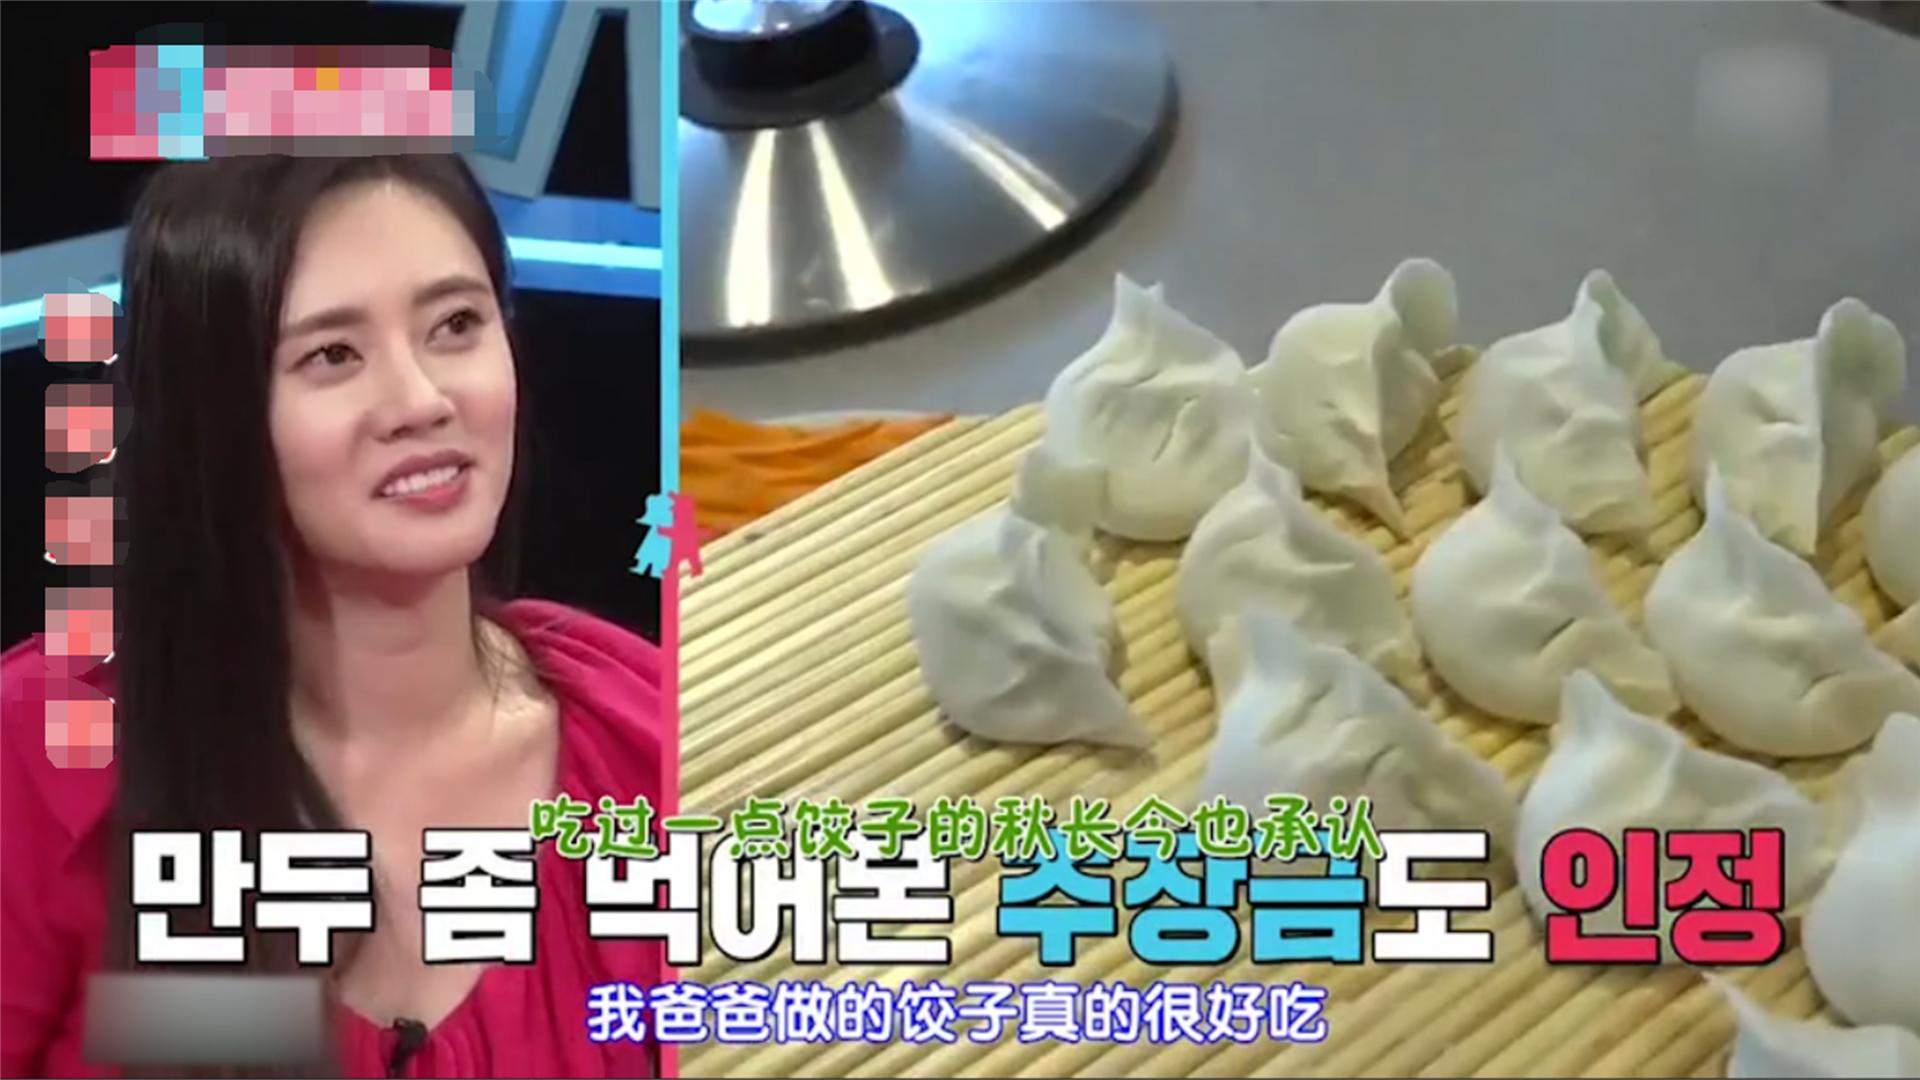 中国公婆给韩国儿媳做饺子,韩国人看傻了,惊呼好像是在魔术一样